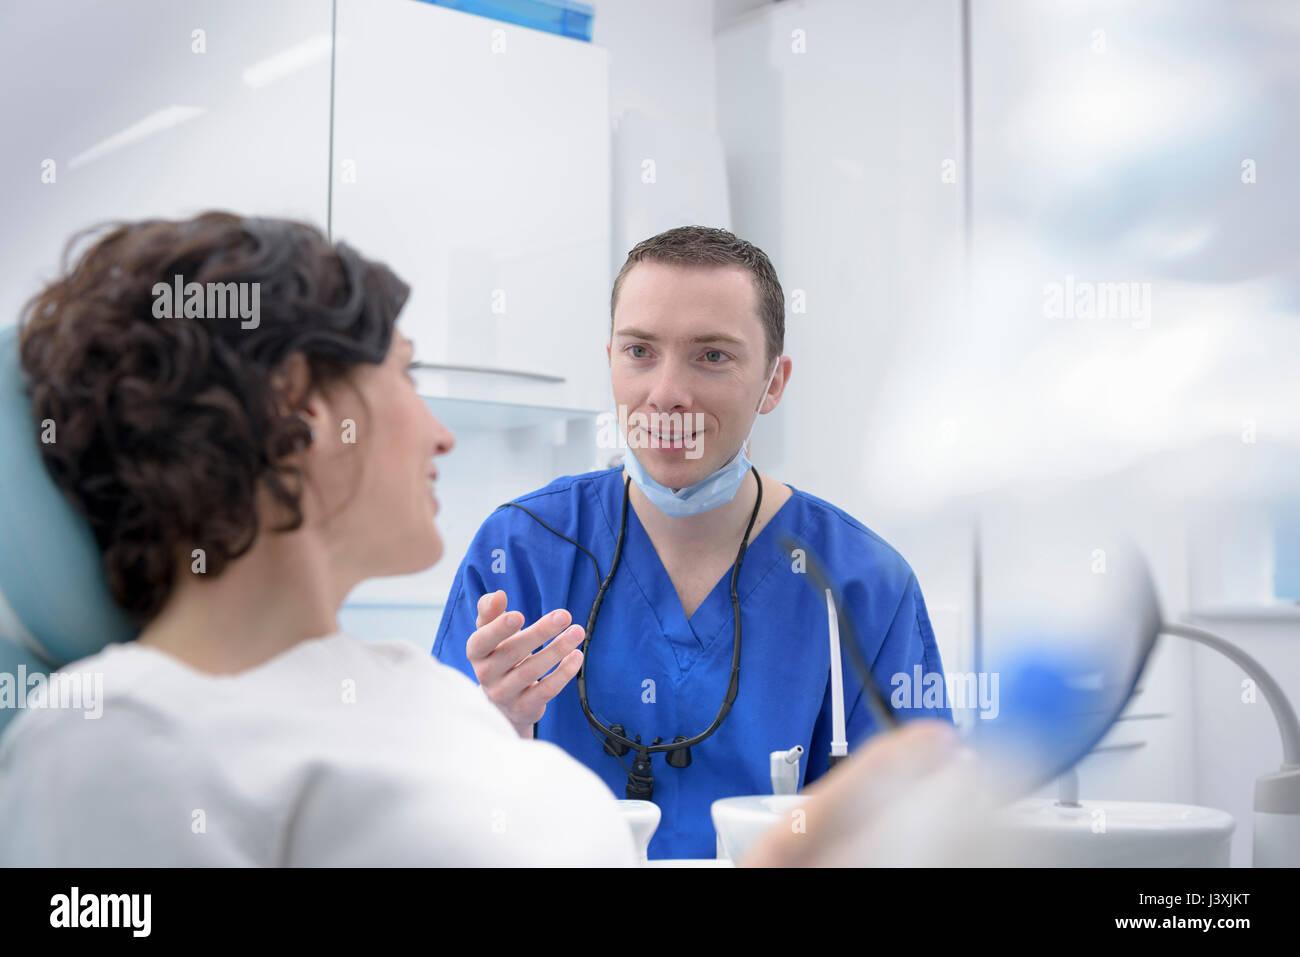 Dentiste parlant au patient en salle de traitement de chirurgie dentaire Photo Stock